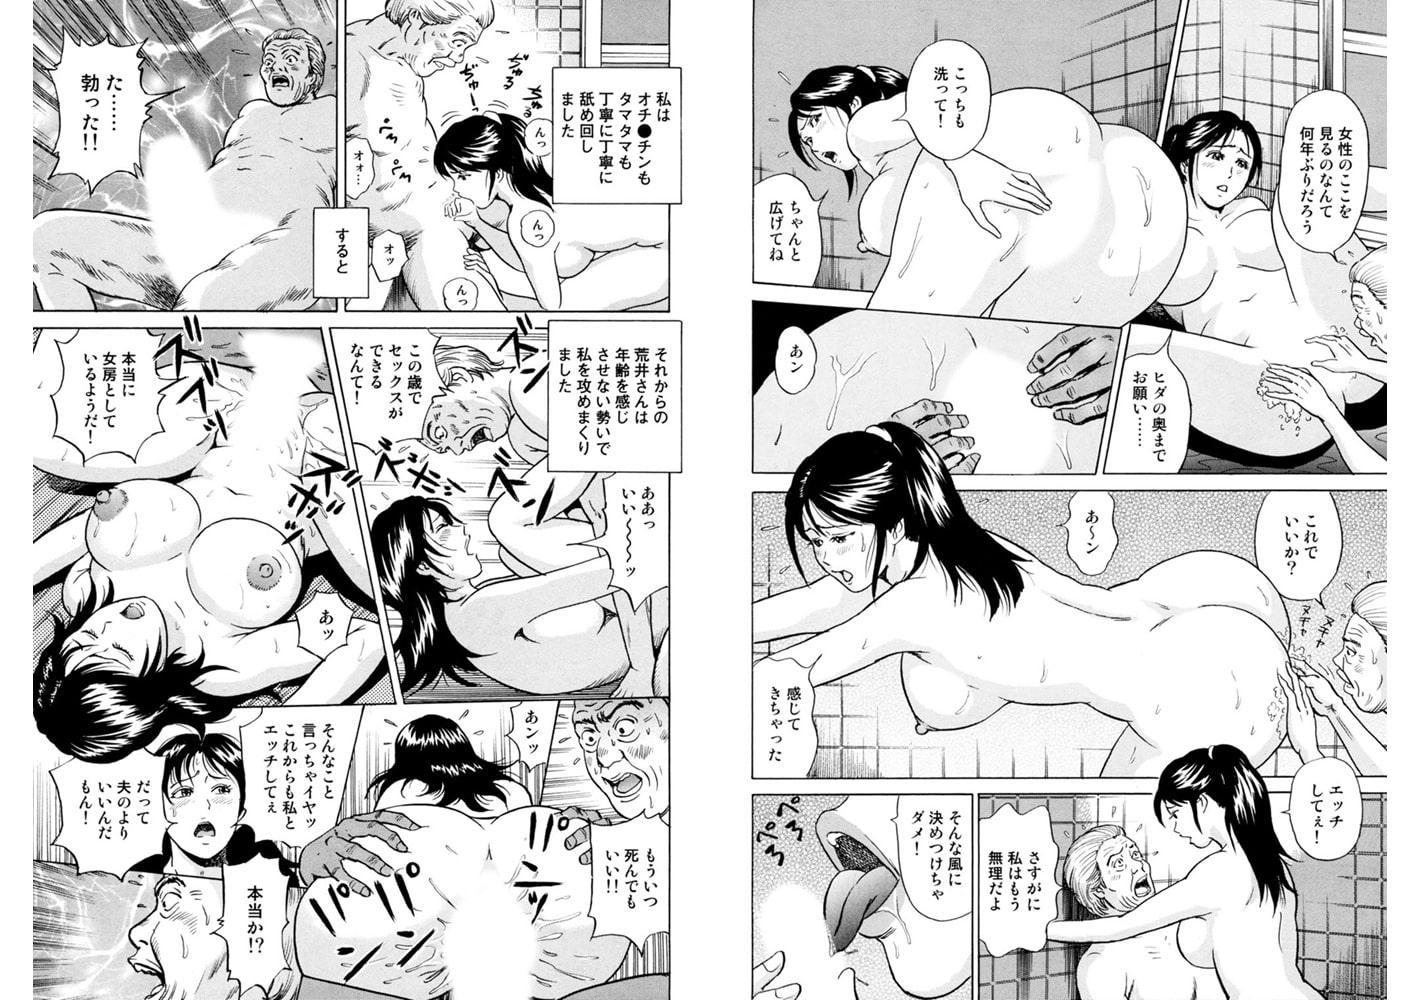 疼く人妻の濡らされた不倫事情 6巻